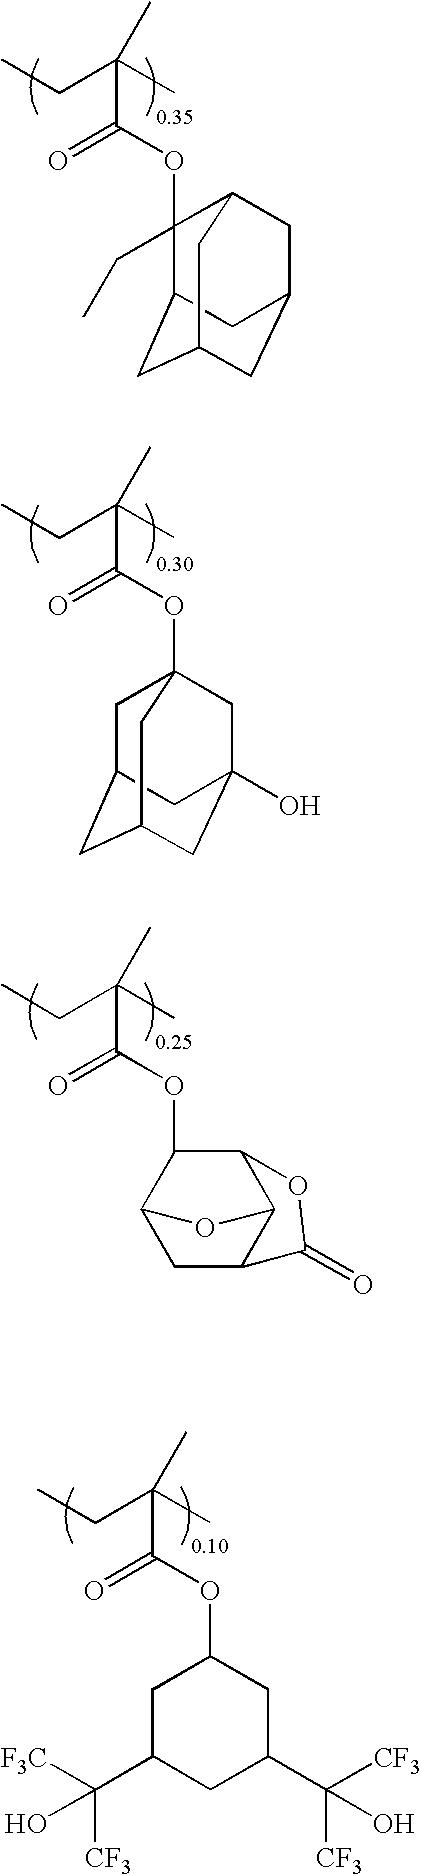 Figure US07368218-20080506-C00059